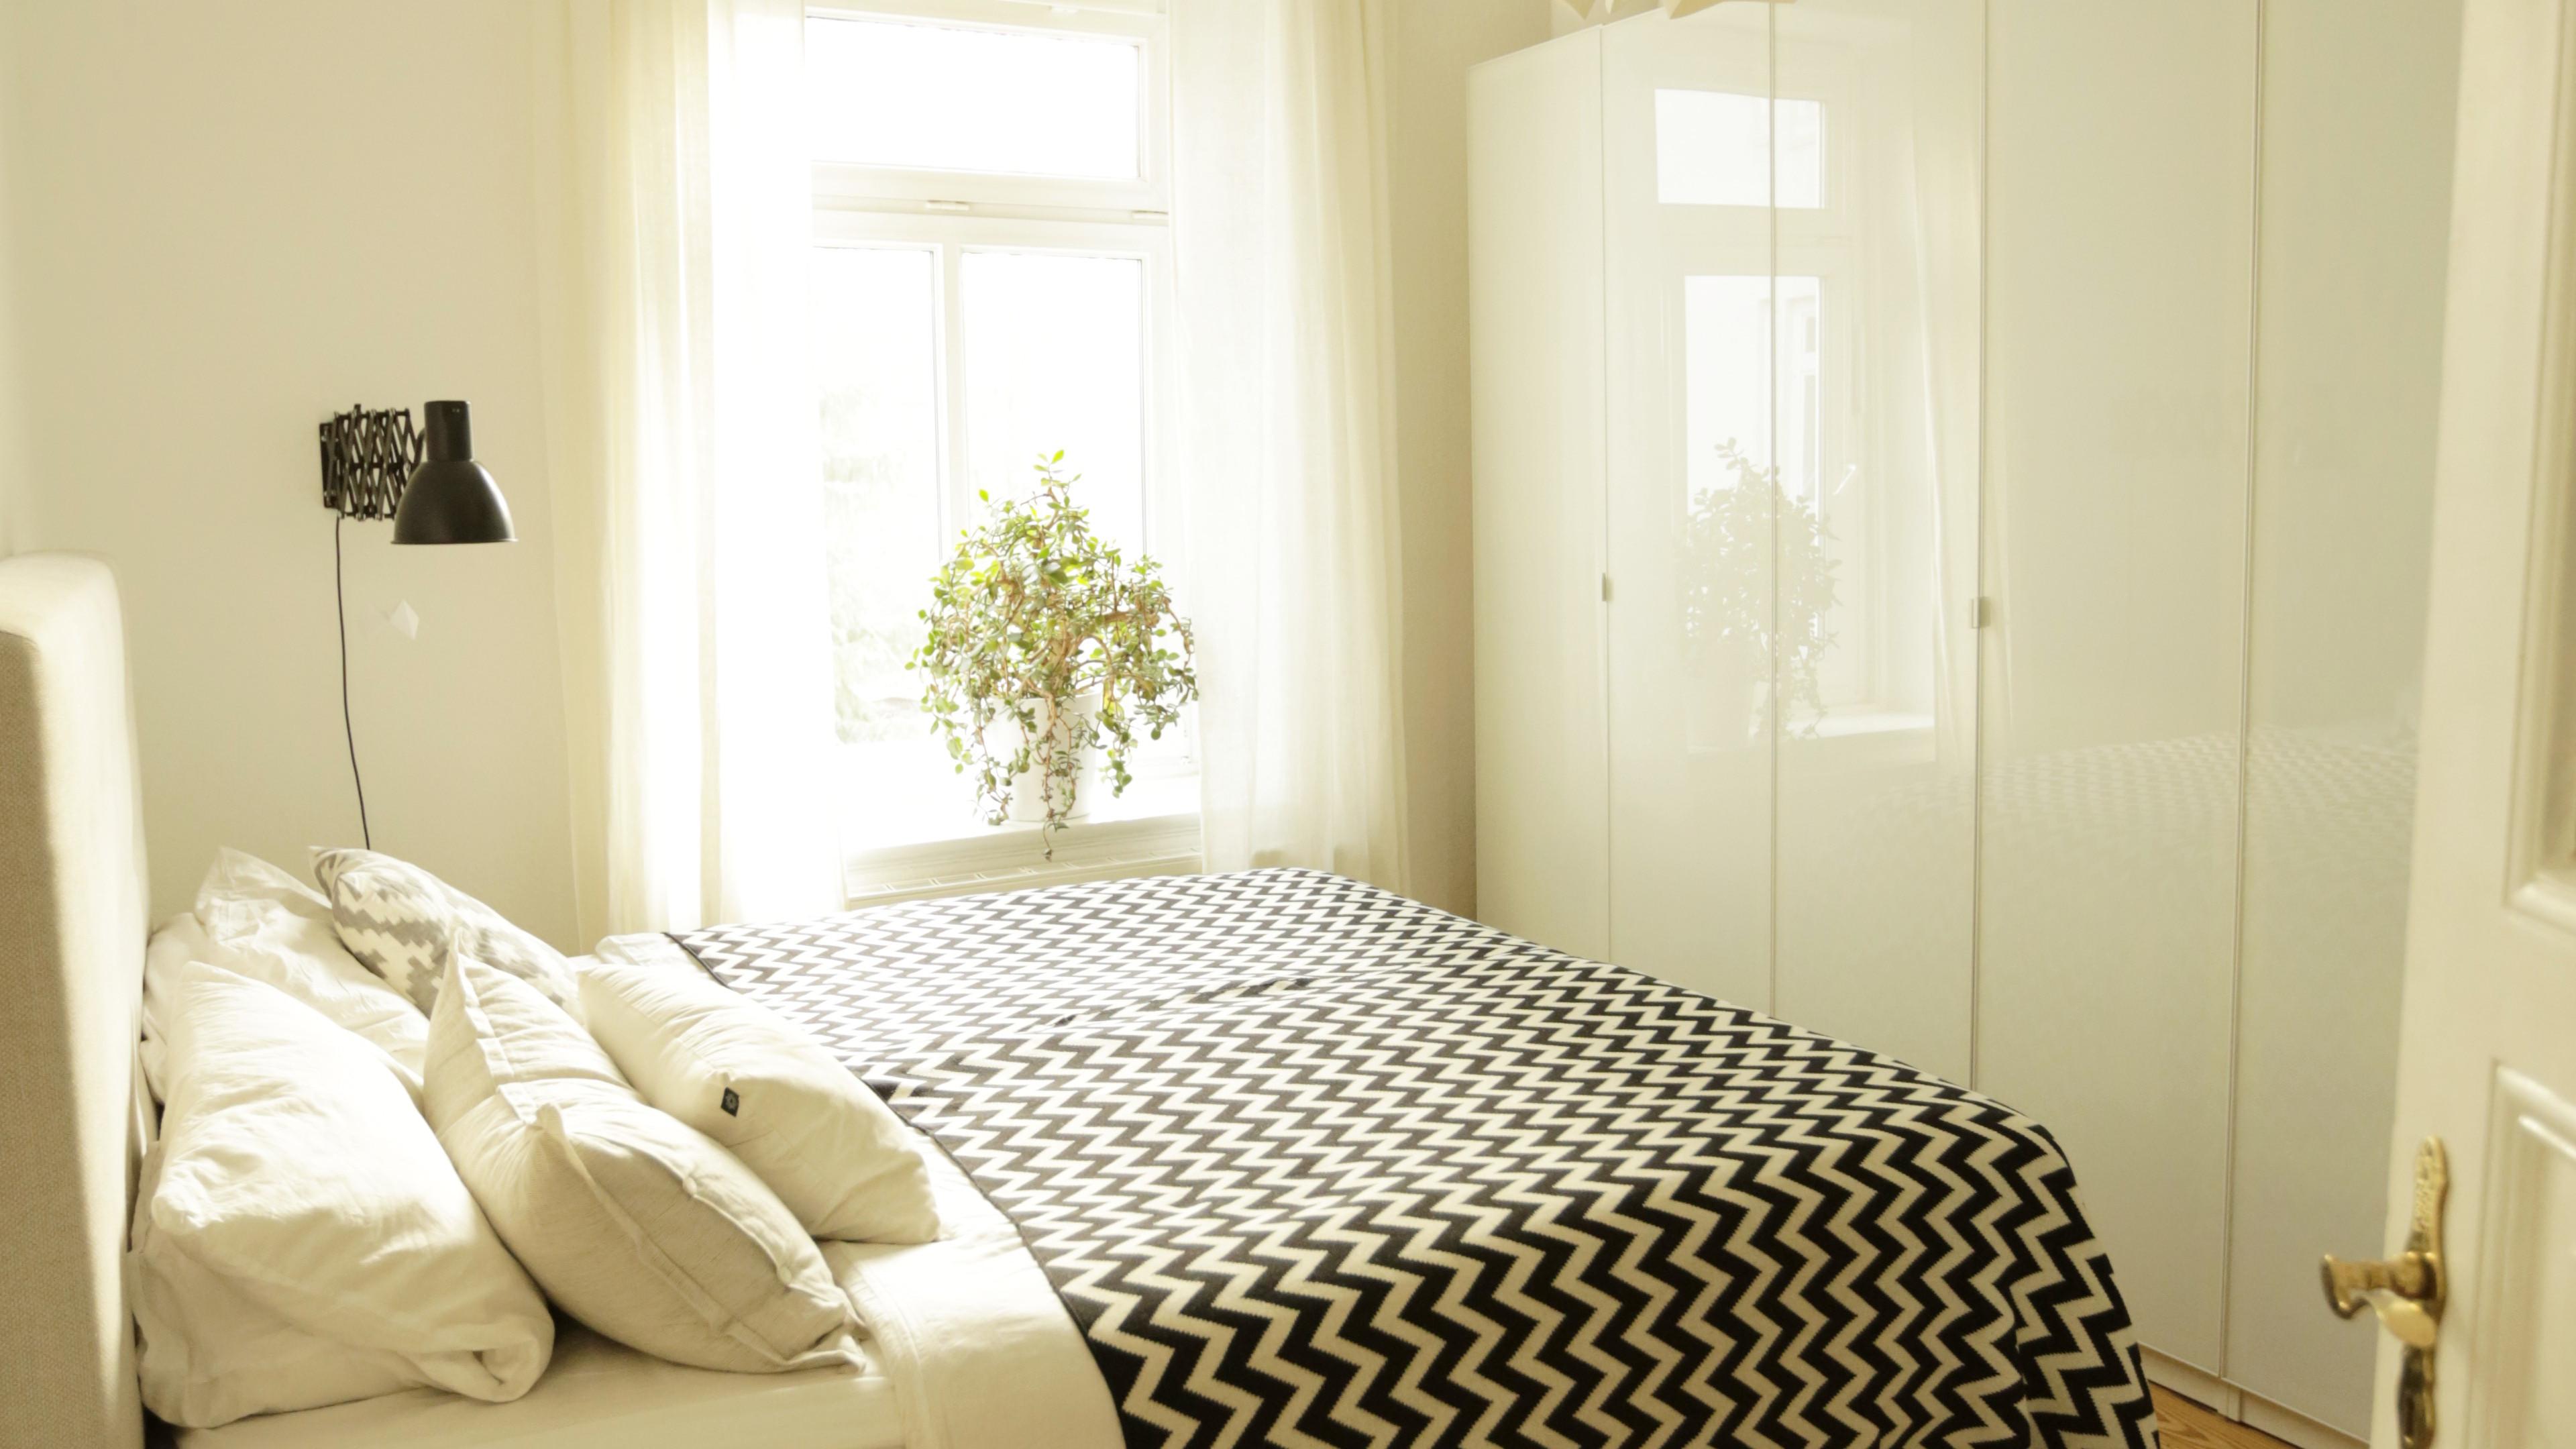 Kleiderschr nke wohnideen und praktische tipps - Praktische wohnideen ...